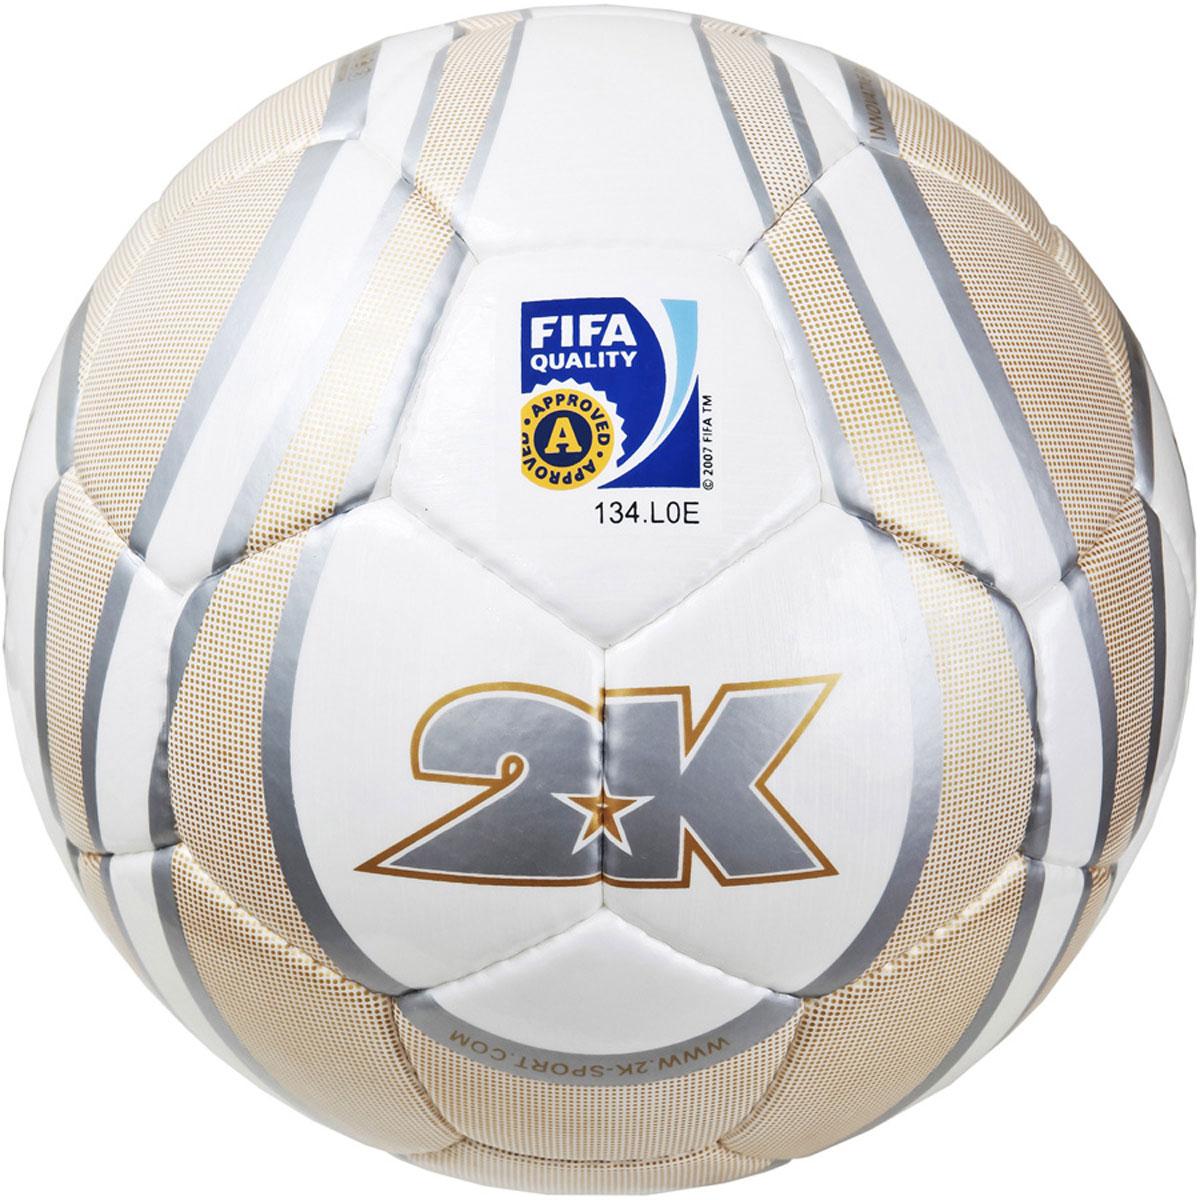 Мяч футбольный 2K Sport Parity, цвет: белый, золотистый, серый. Размер 5KRZEFIT3HR-BLACKПрофессиональный мяч 2K Sport Parity одобрен FIFA для проведения соревнований высшего уровня.Верх изделия выполнен из ЭВА и полиуретана. Четырехслойная текстильная подложка. Мяч имеет бесшовную бутиловую камеру с бутиловым ниппелем. Ручная сшивка панелей.Сертификат FIFA Approved.